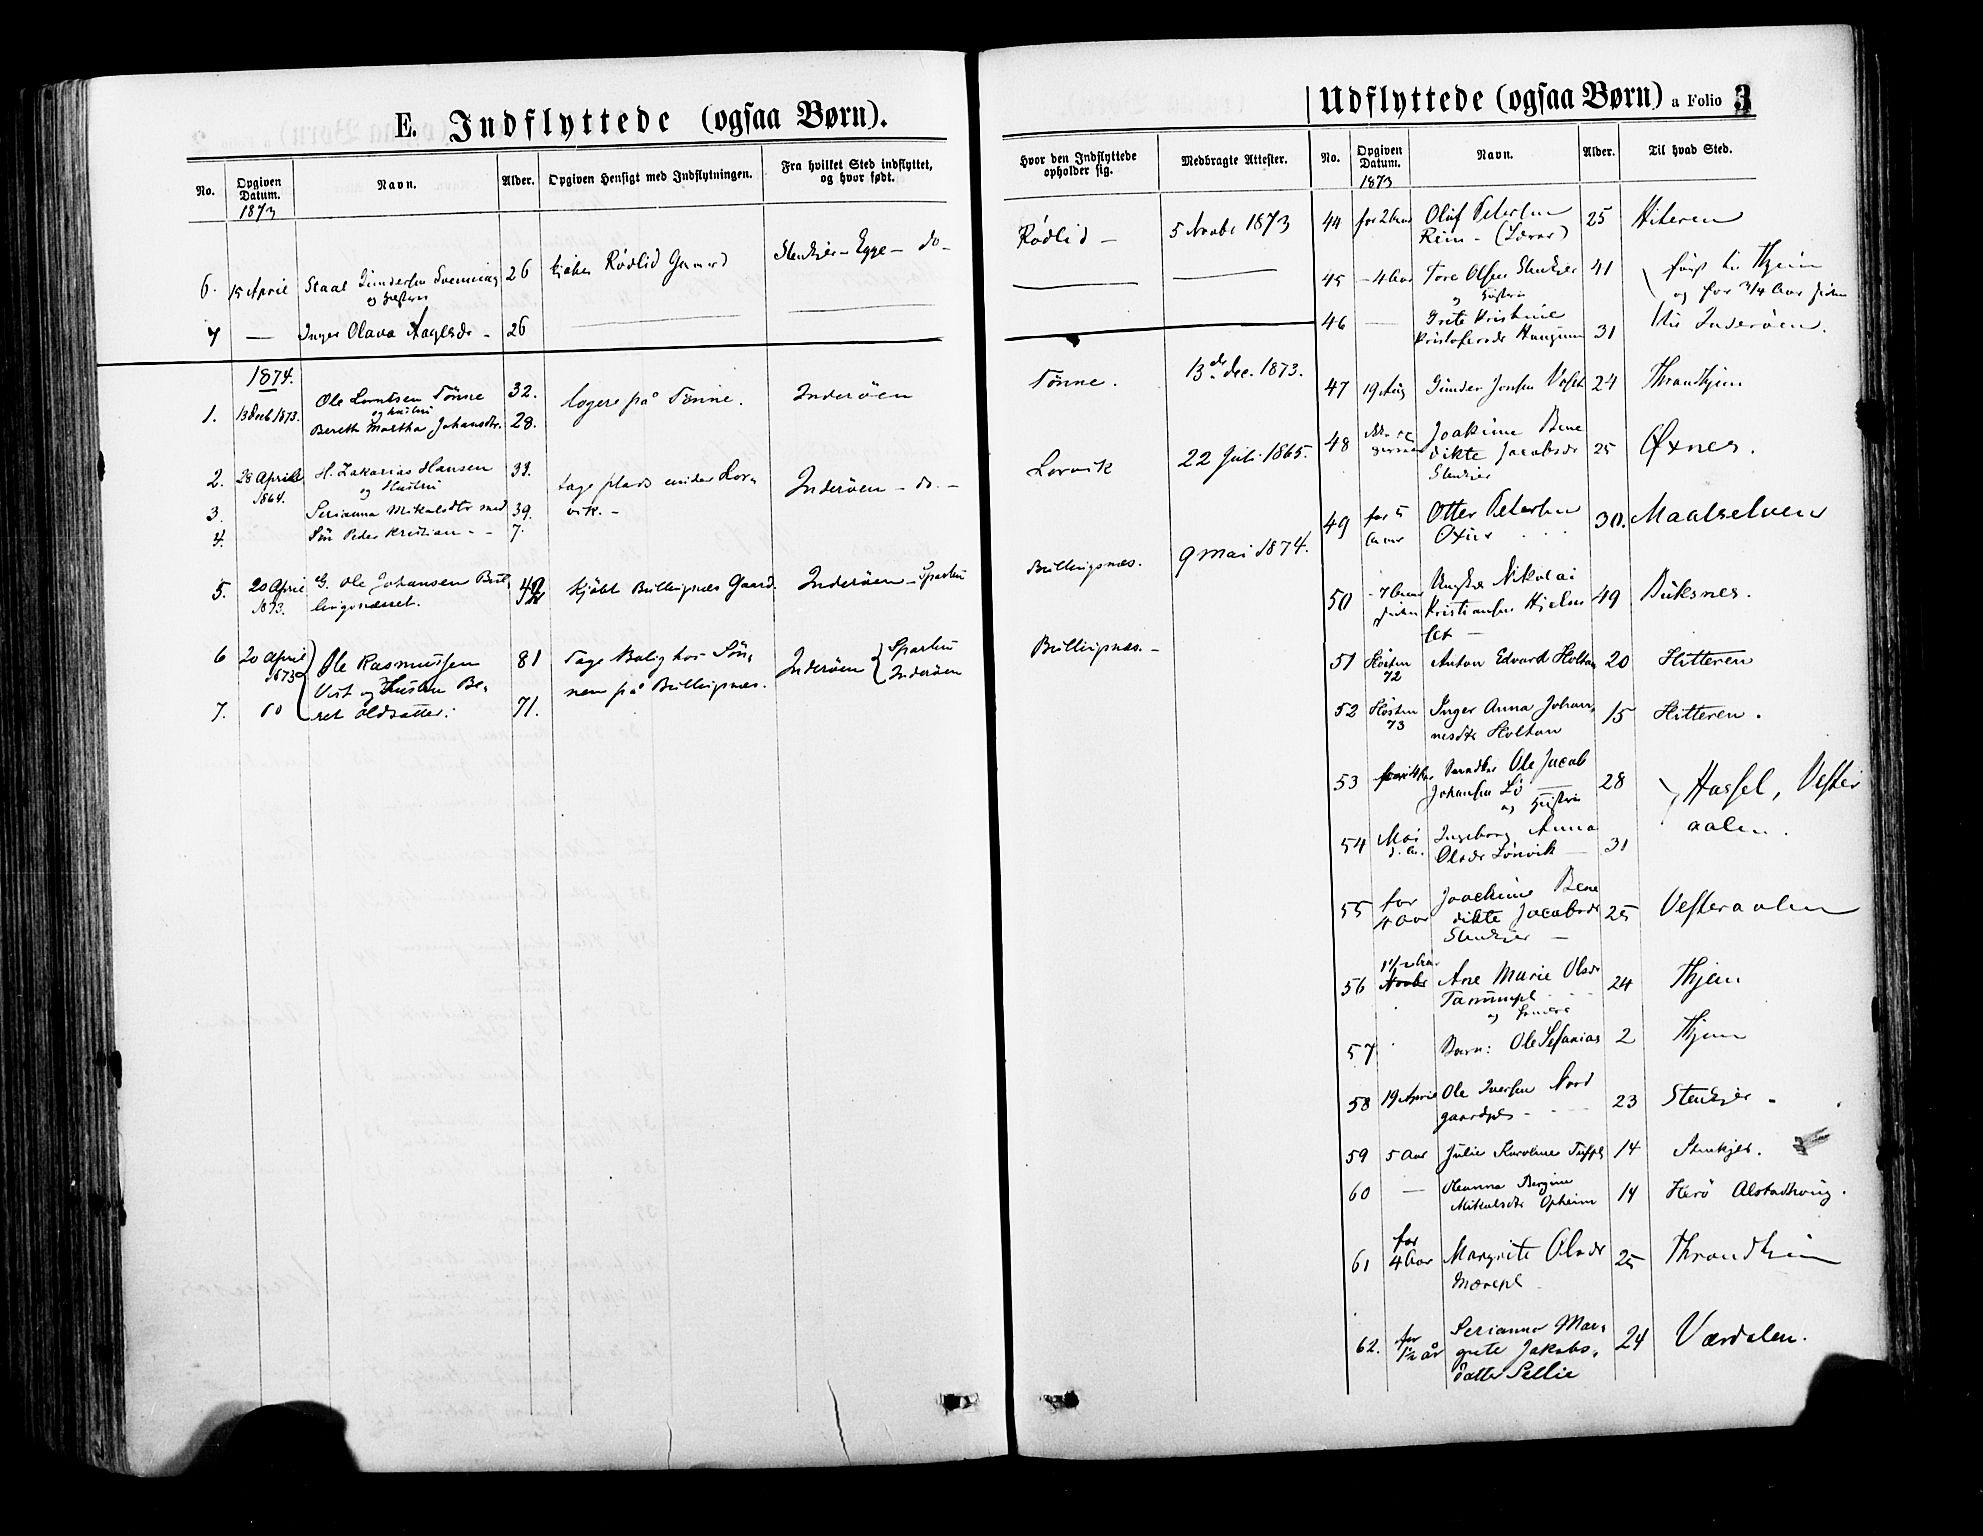 SAT, Ministerialprotokoller, klokkerbøker og fødselsregistre - Nord-Trøndelag, 735/L0348: Ministerialbok nr. 735A09 /1, 1873-1883, s. 3